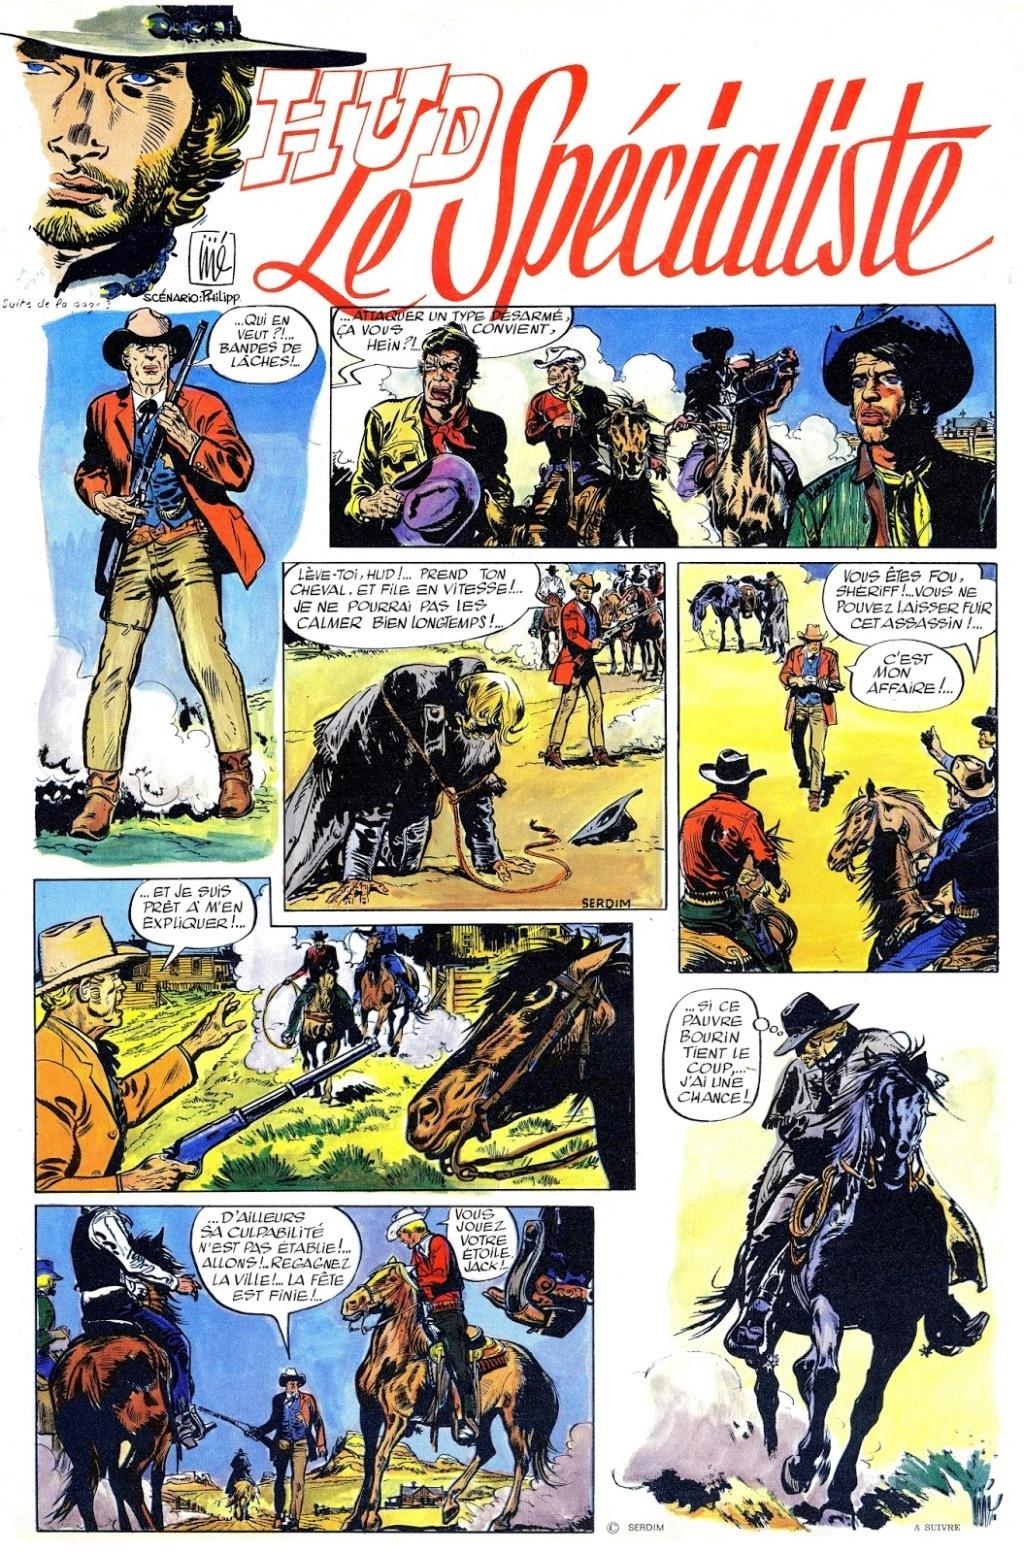 Le monde du western - Page 18 Johnny21